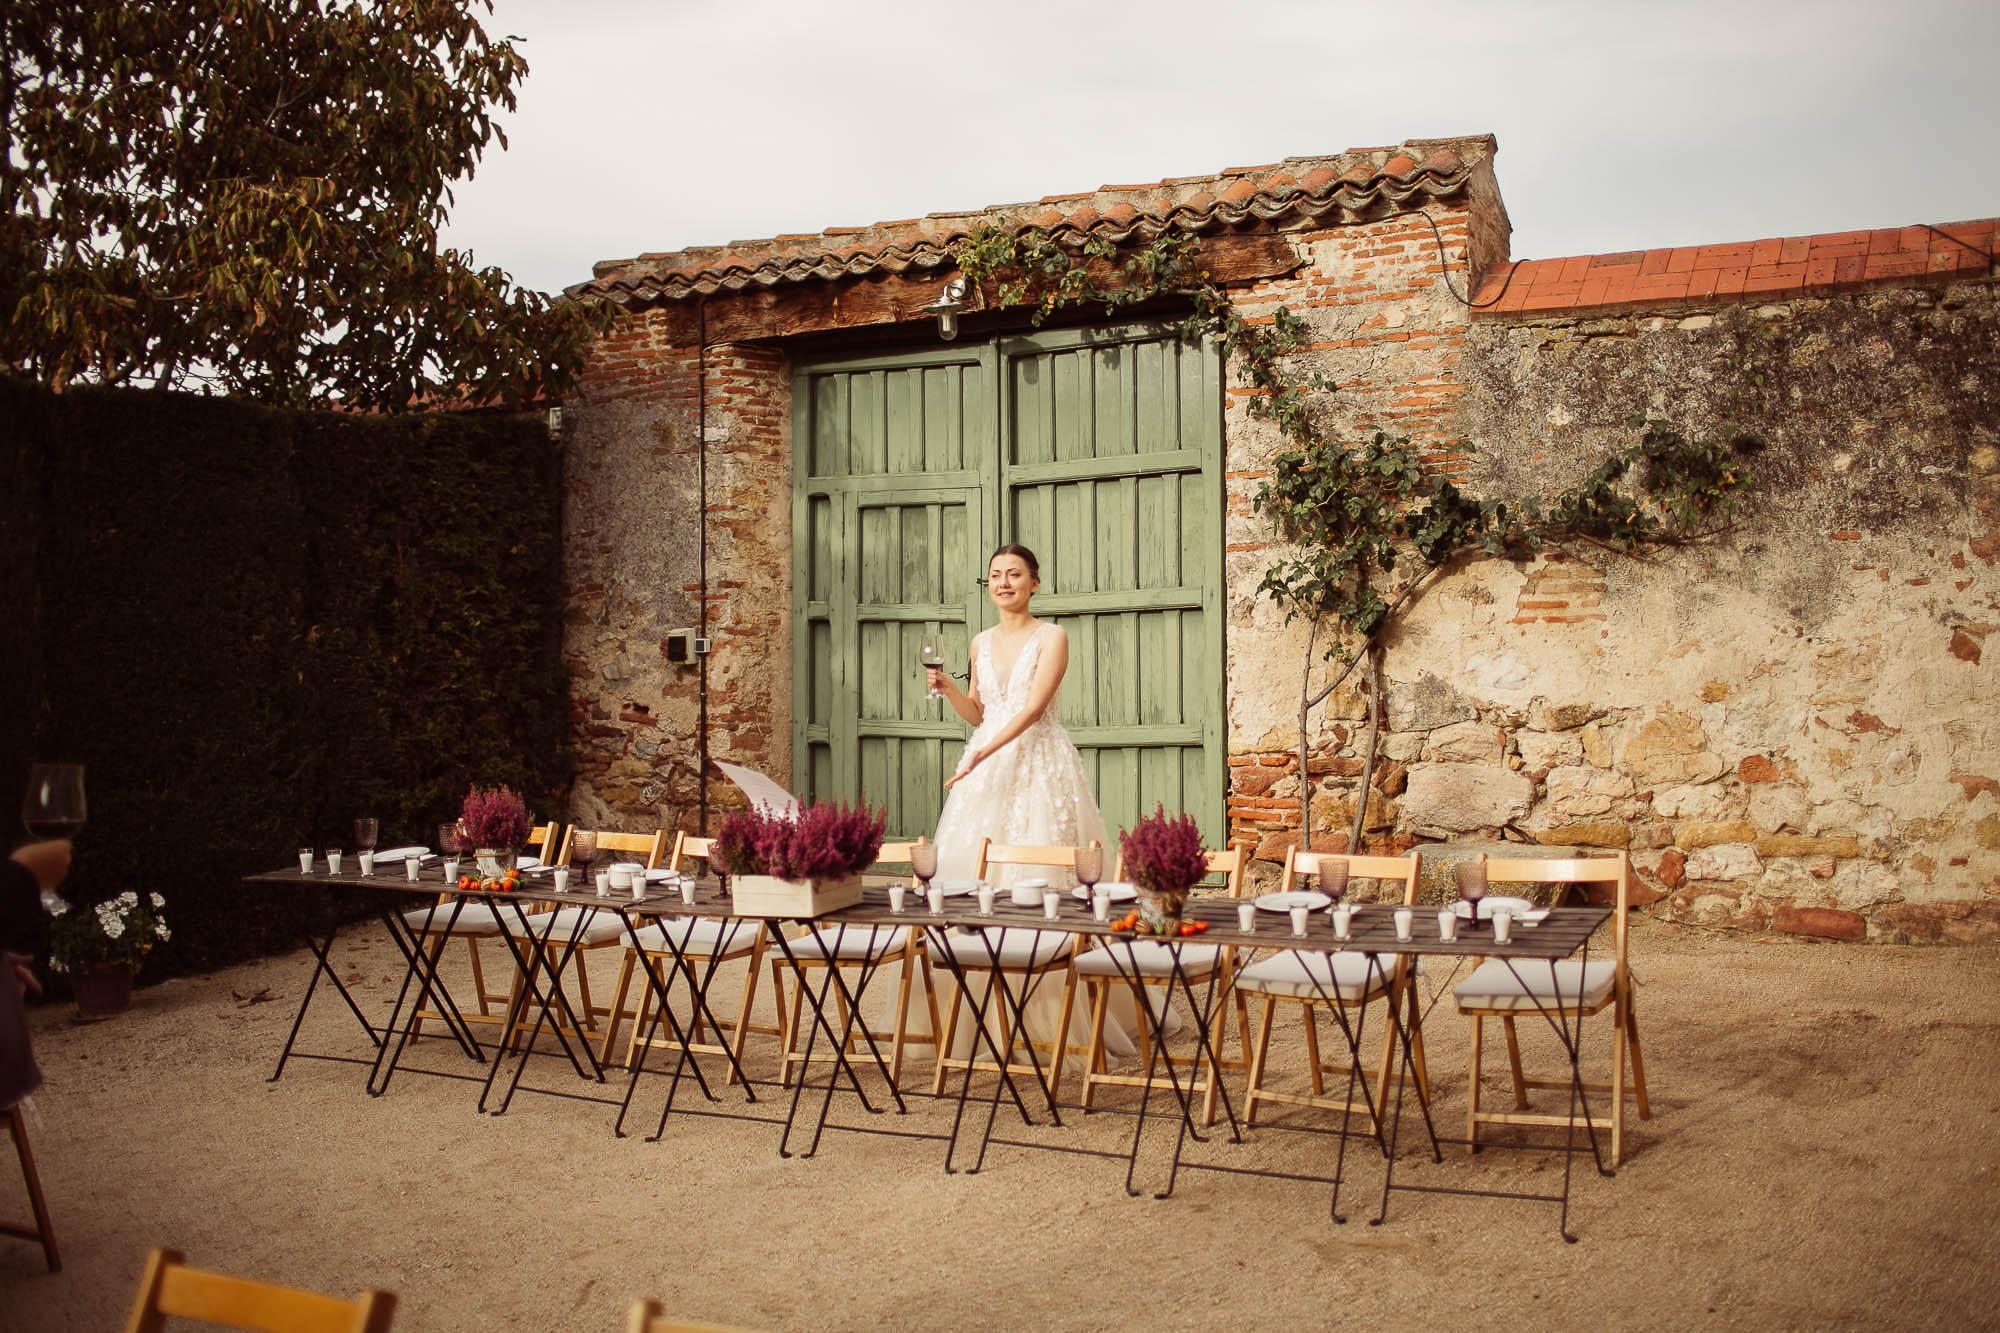 La novia espera a los invitados junto a las mesas